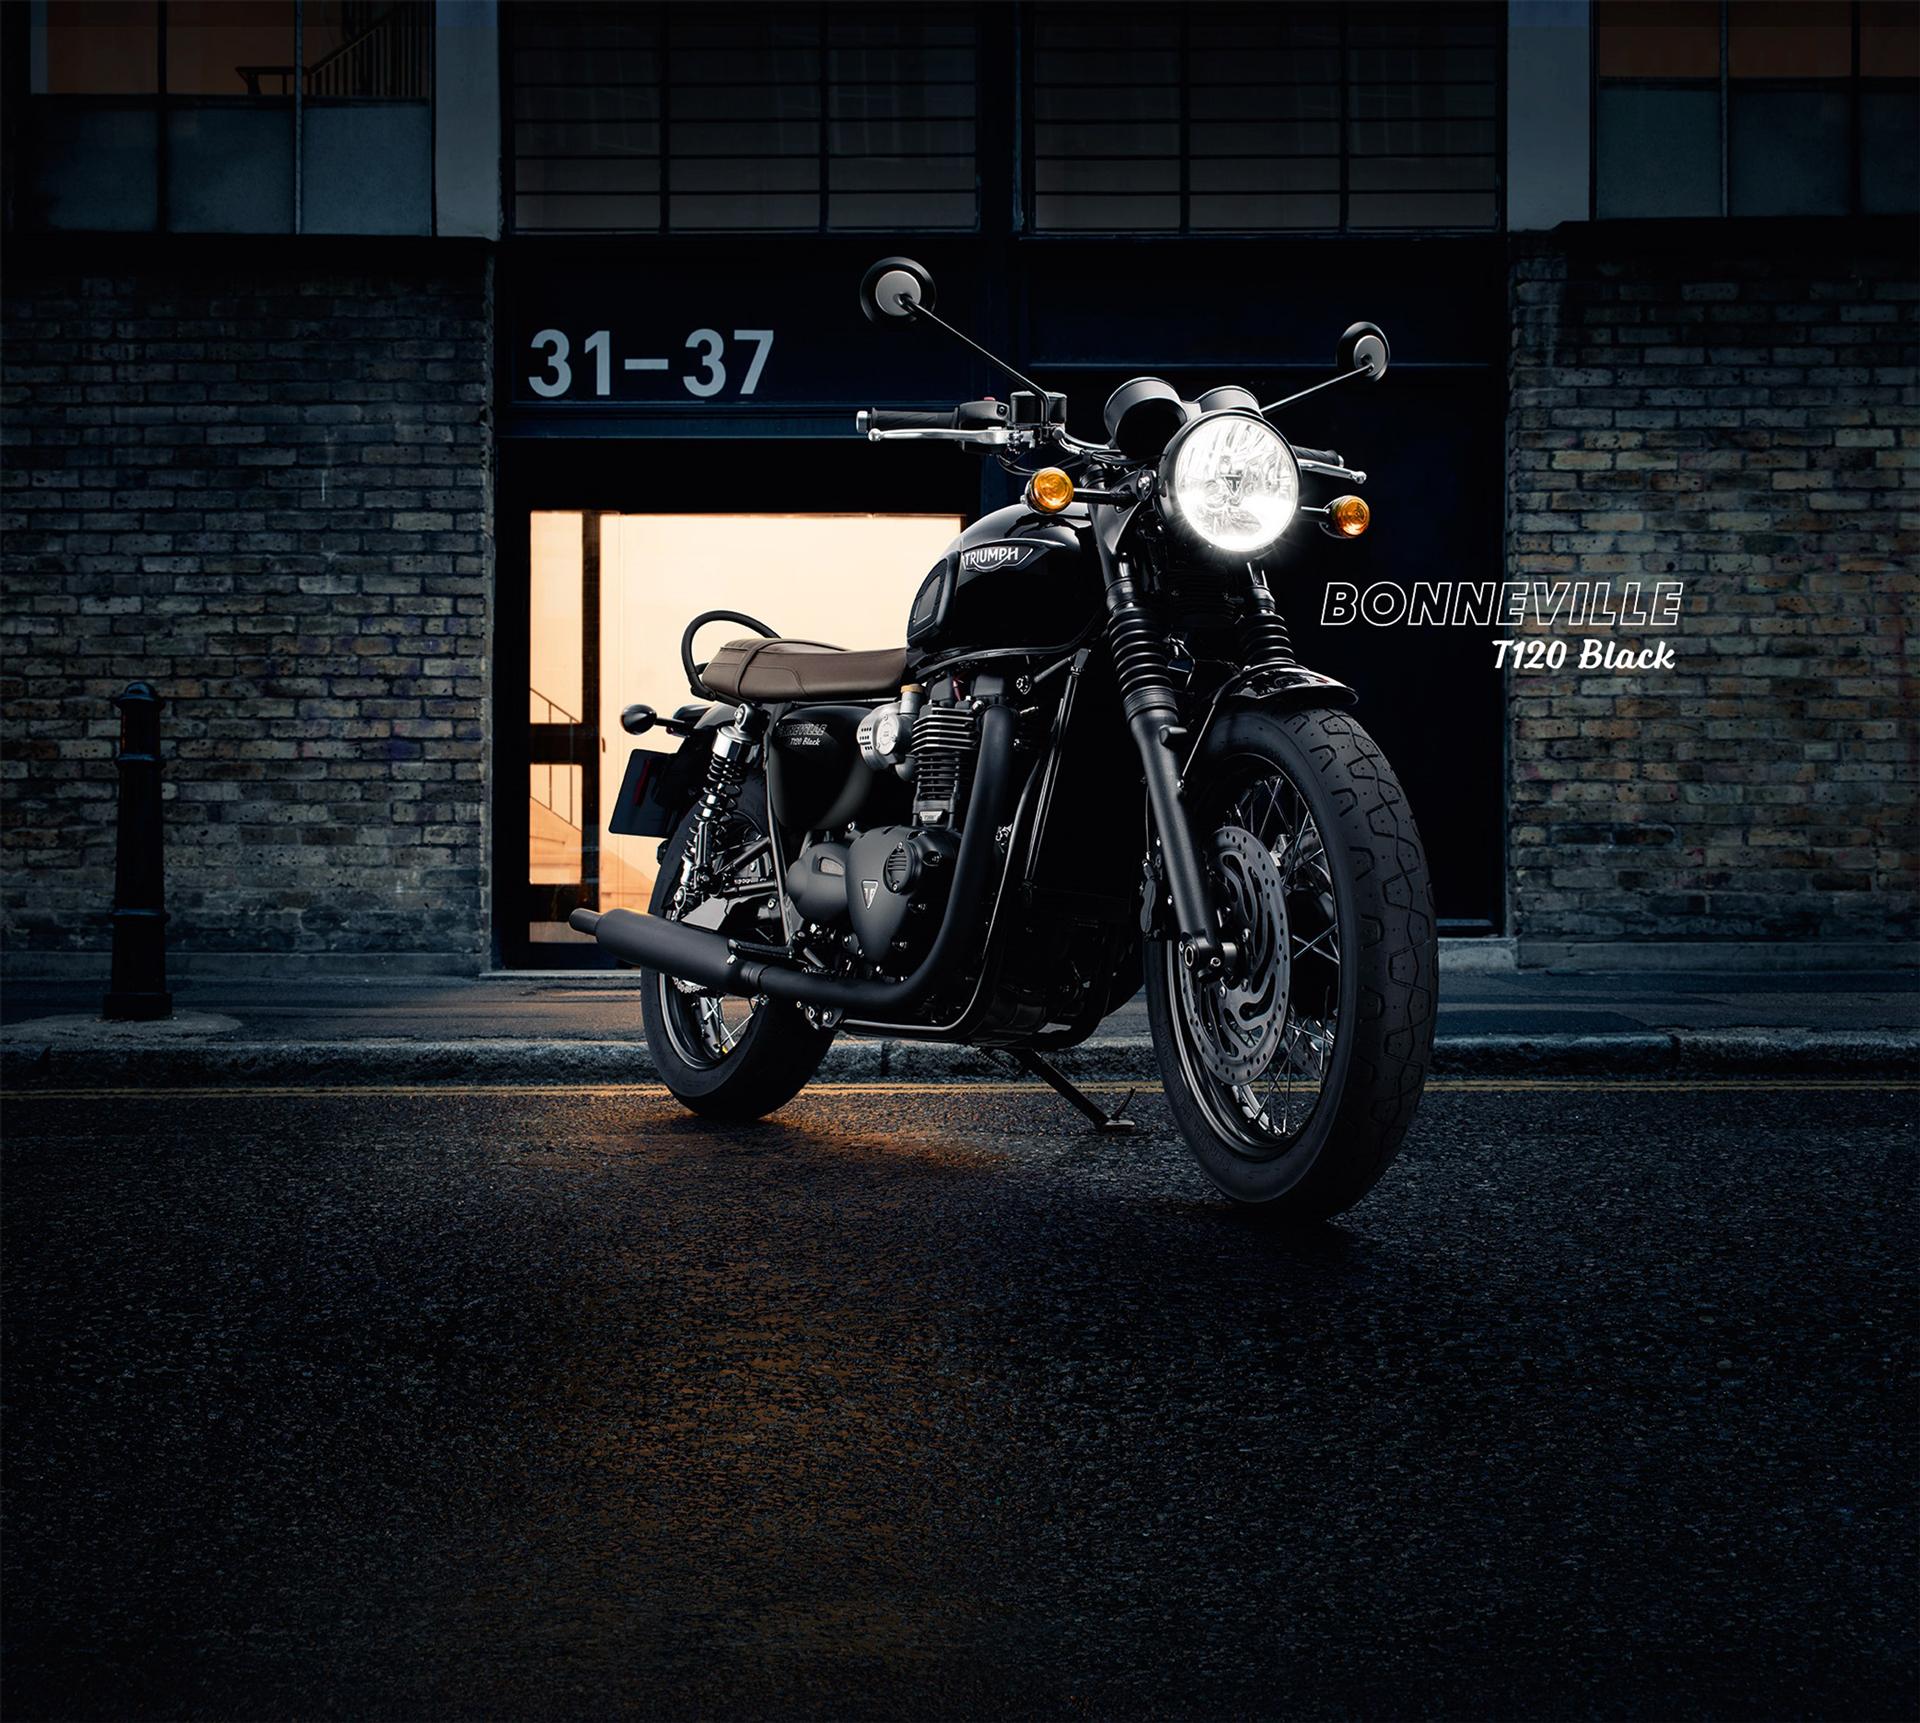 Triumph Bonneville T120 Black - 2016 - profil avant